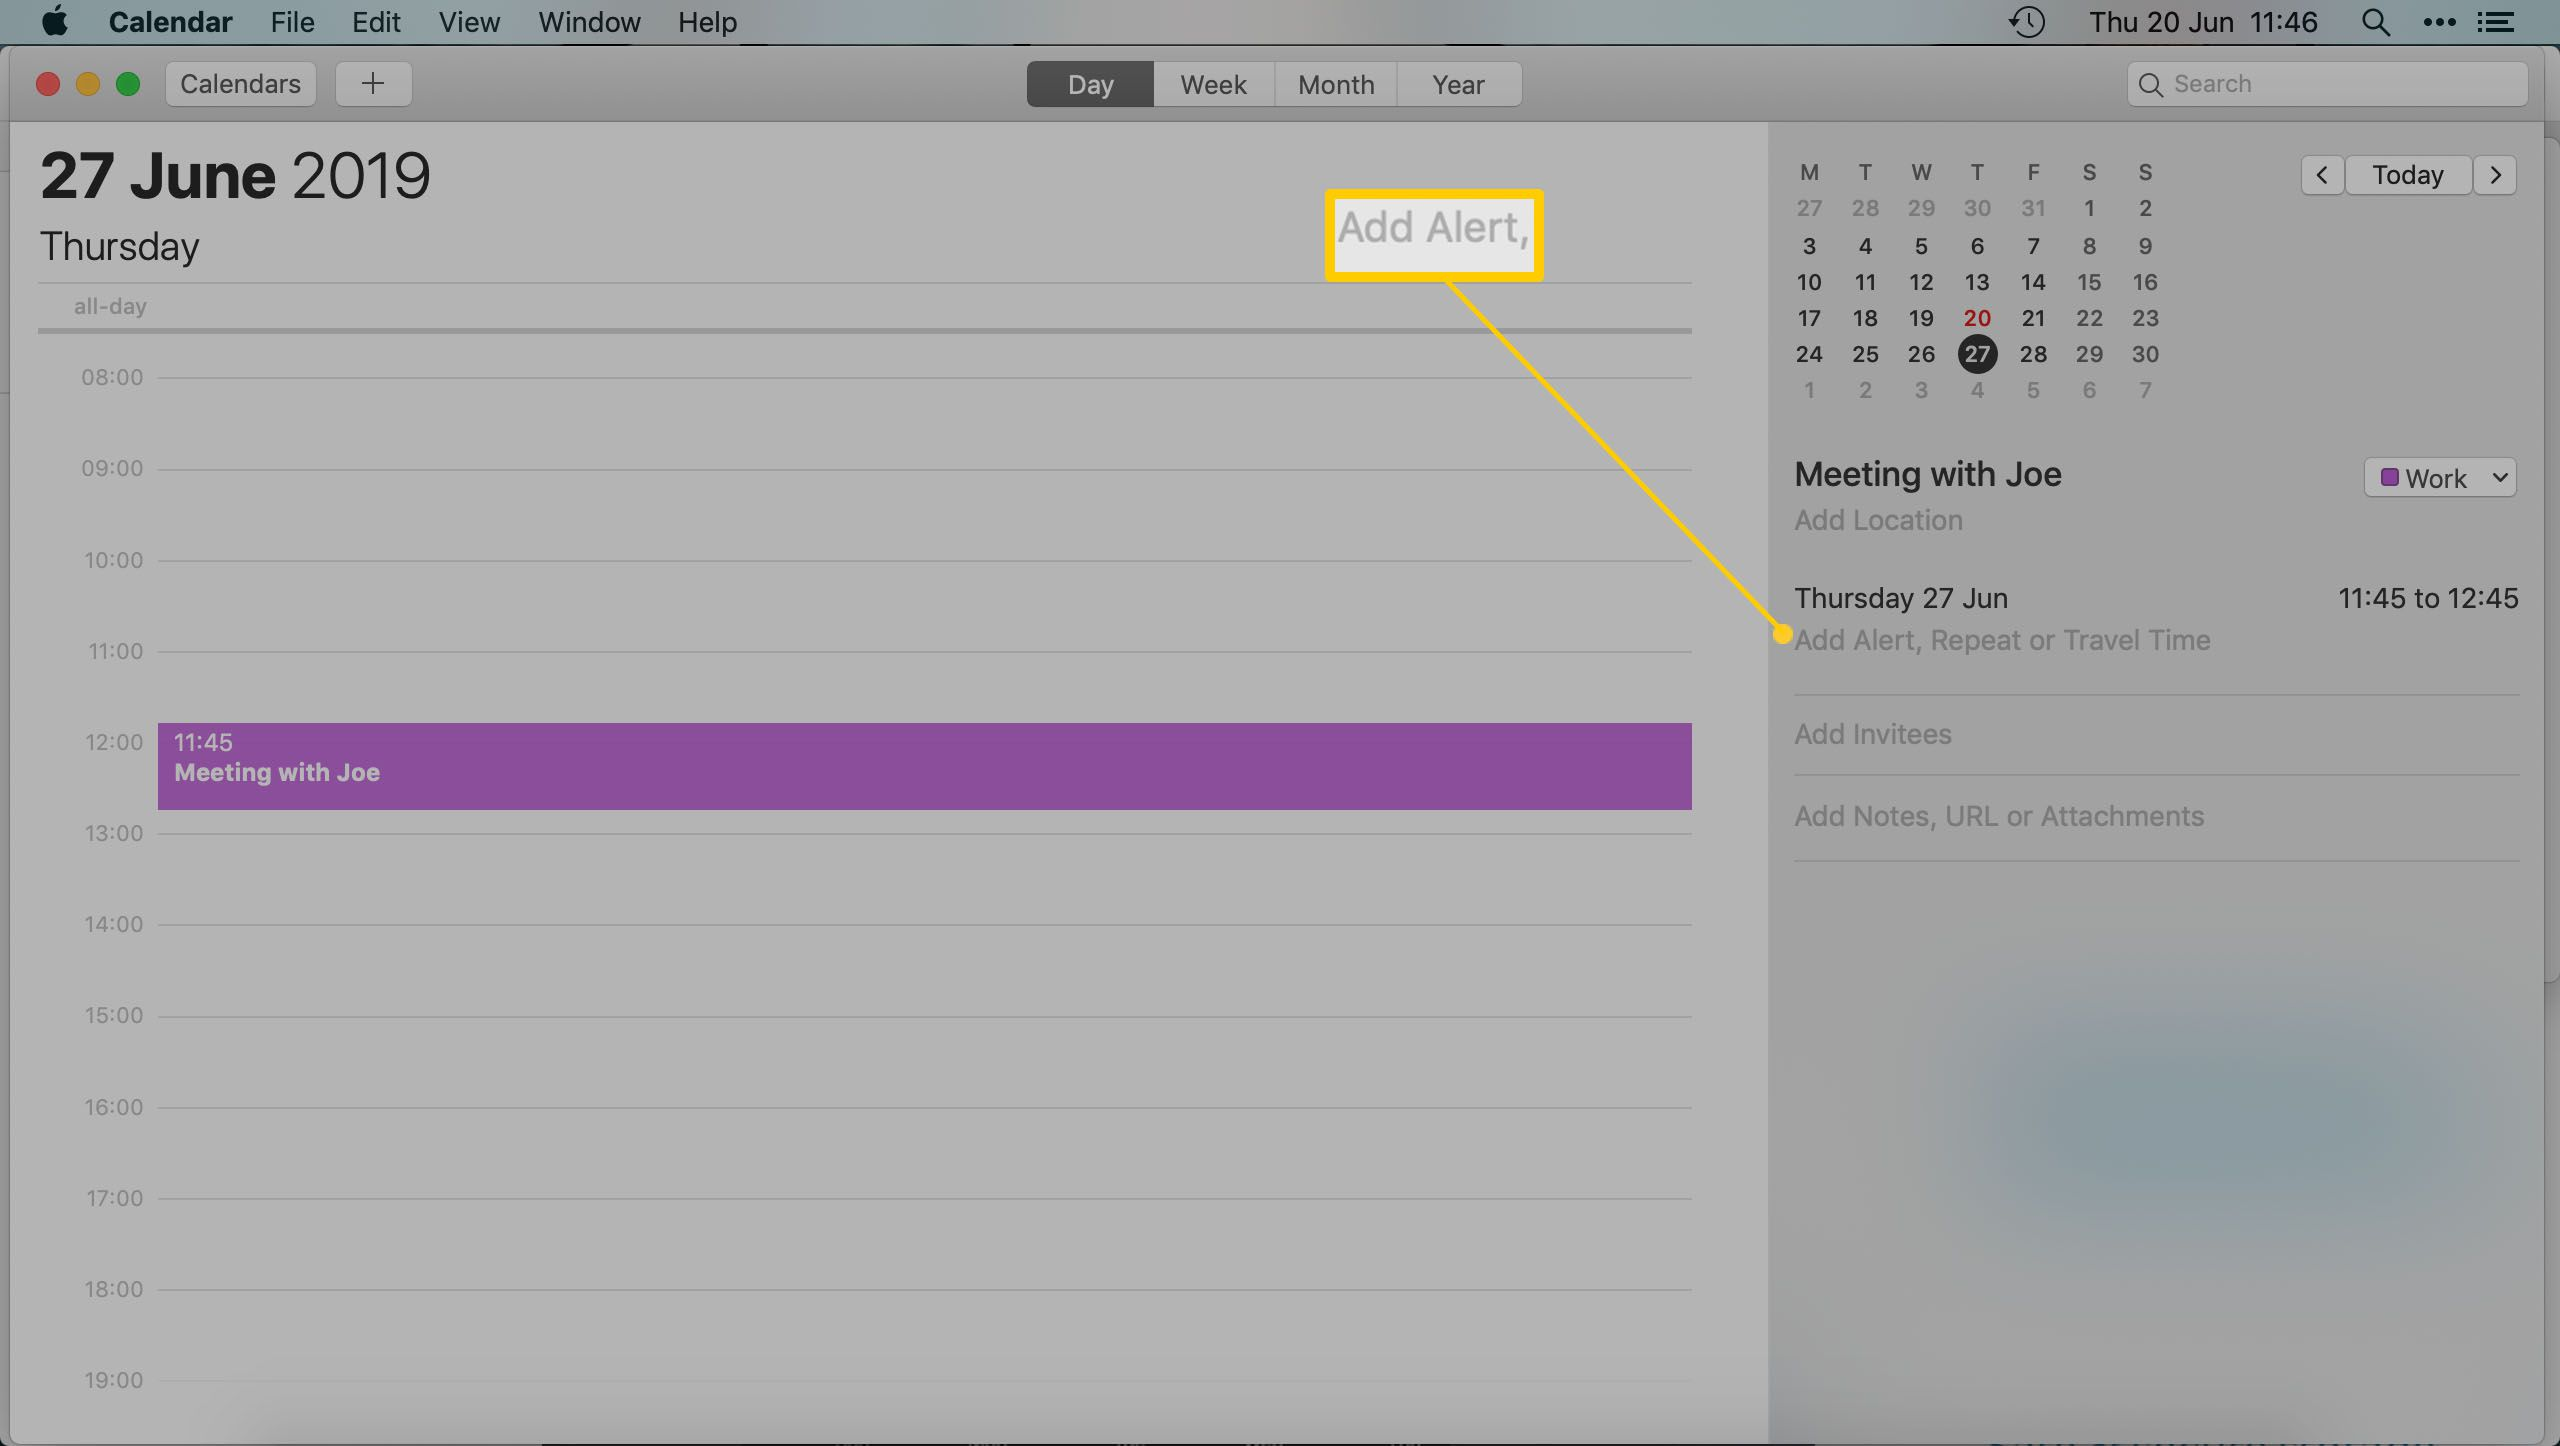 The Mac Calendar App - Highlighting adding an alert onto an appointment